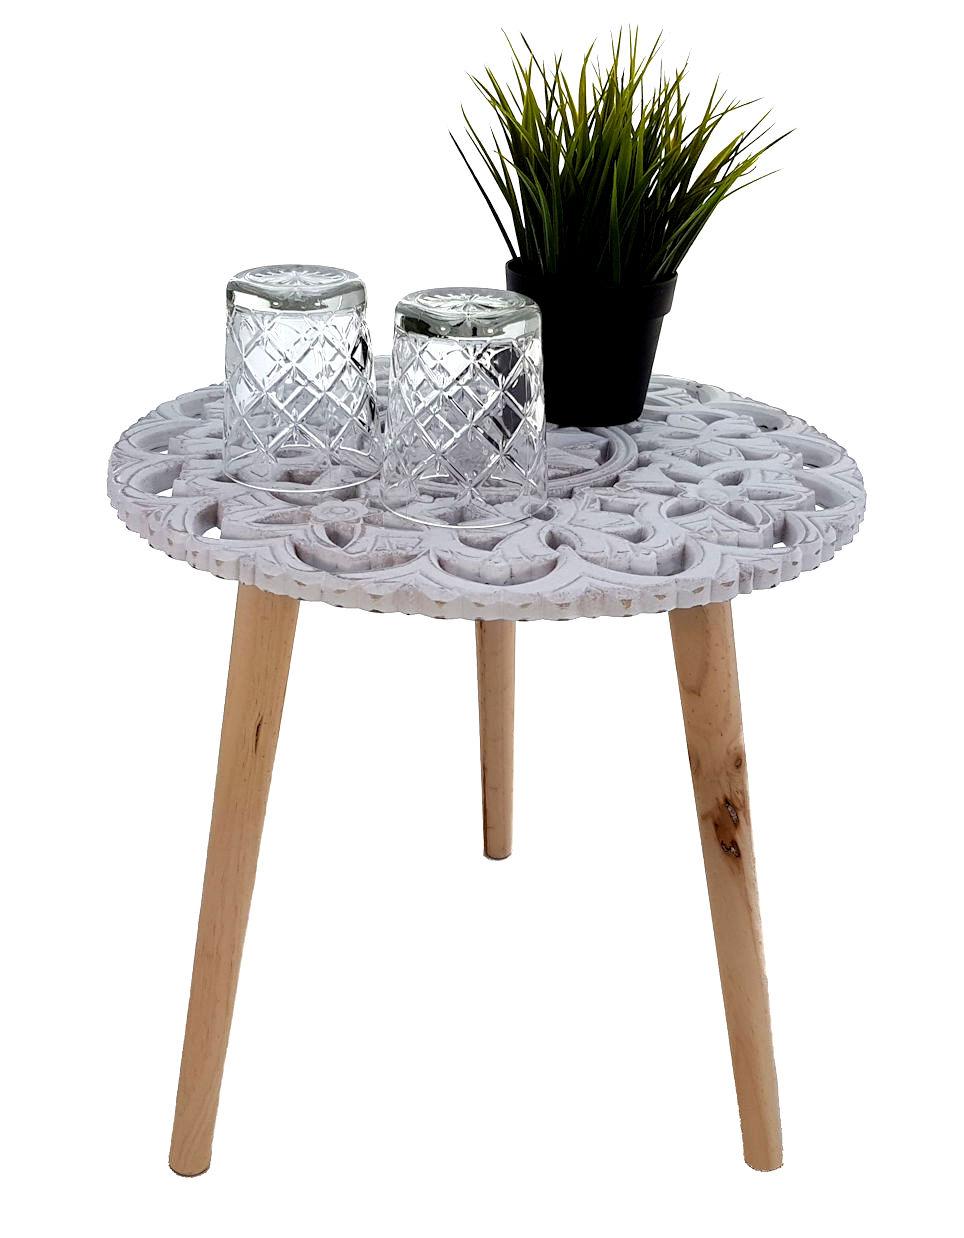 design beistelltisch shabby chic holz deko tisch klein vintage couchtisch wei 4260461477407. Black Bedroom Furniture Sets. Home Design Ideas